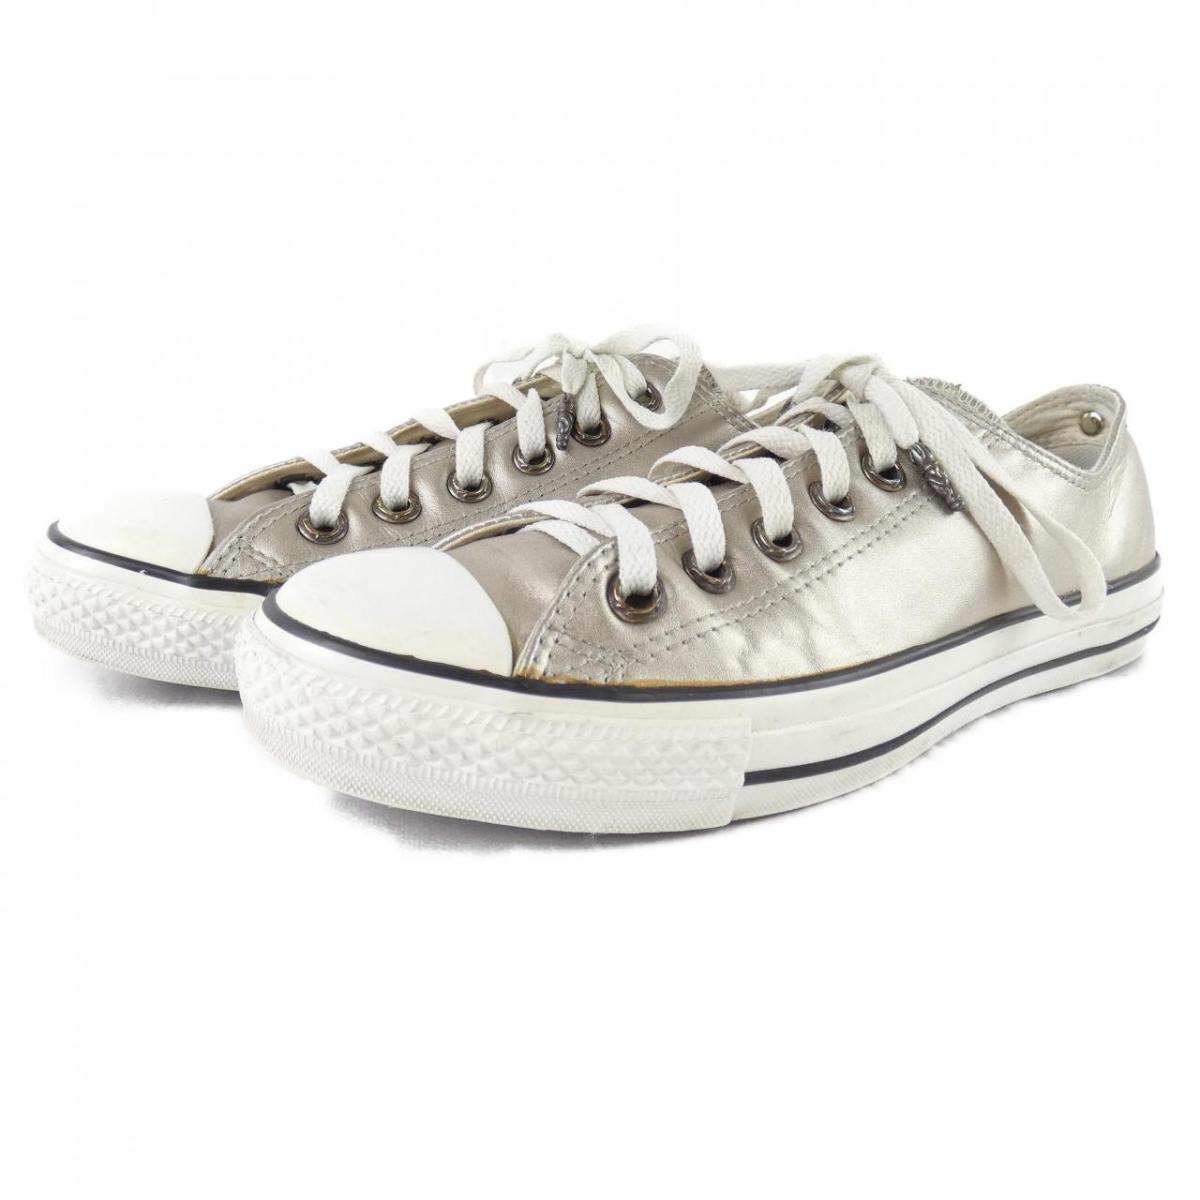 メンズ靴, スニーカー  CHROME HEARTS